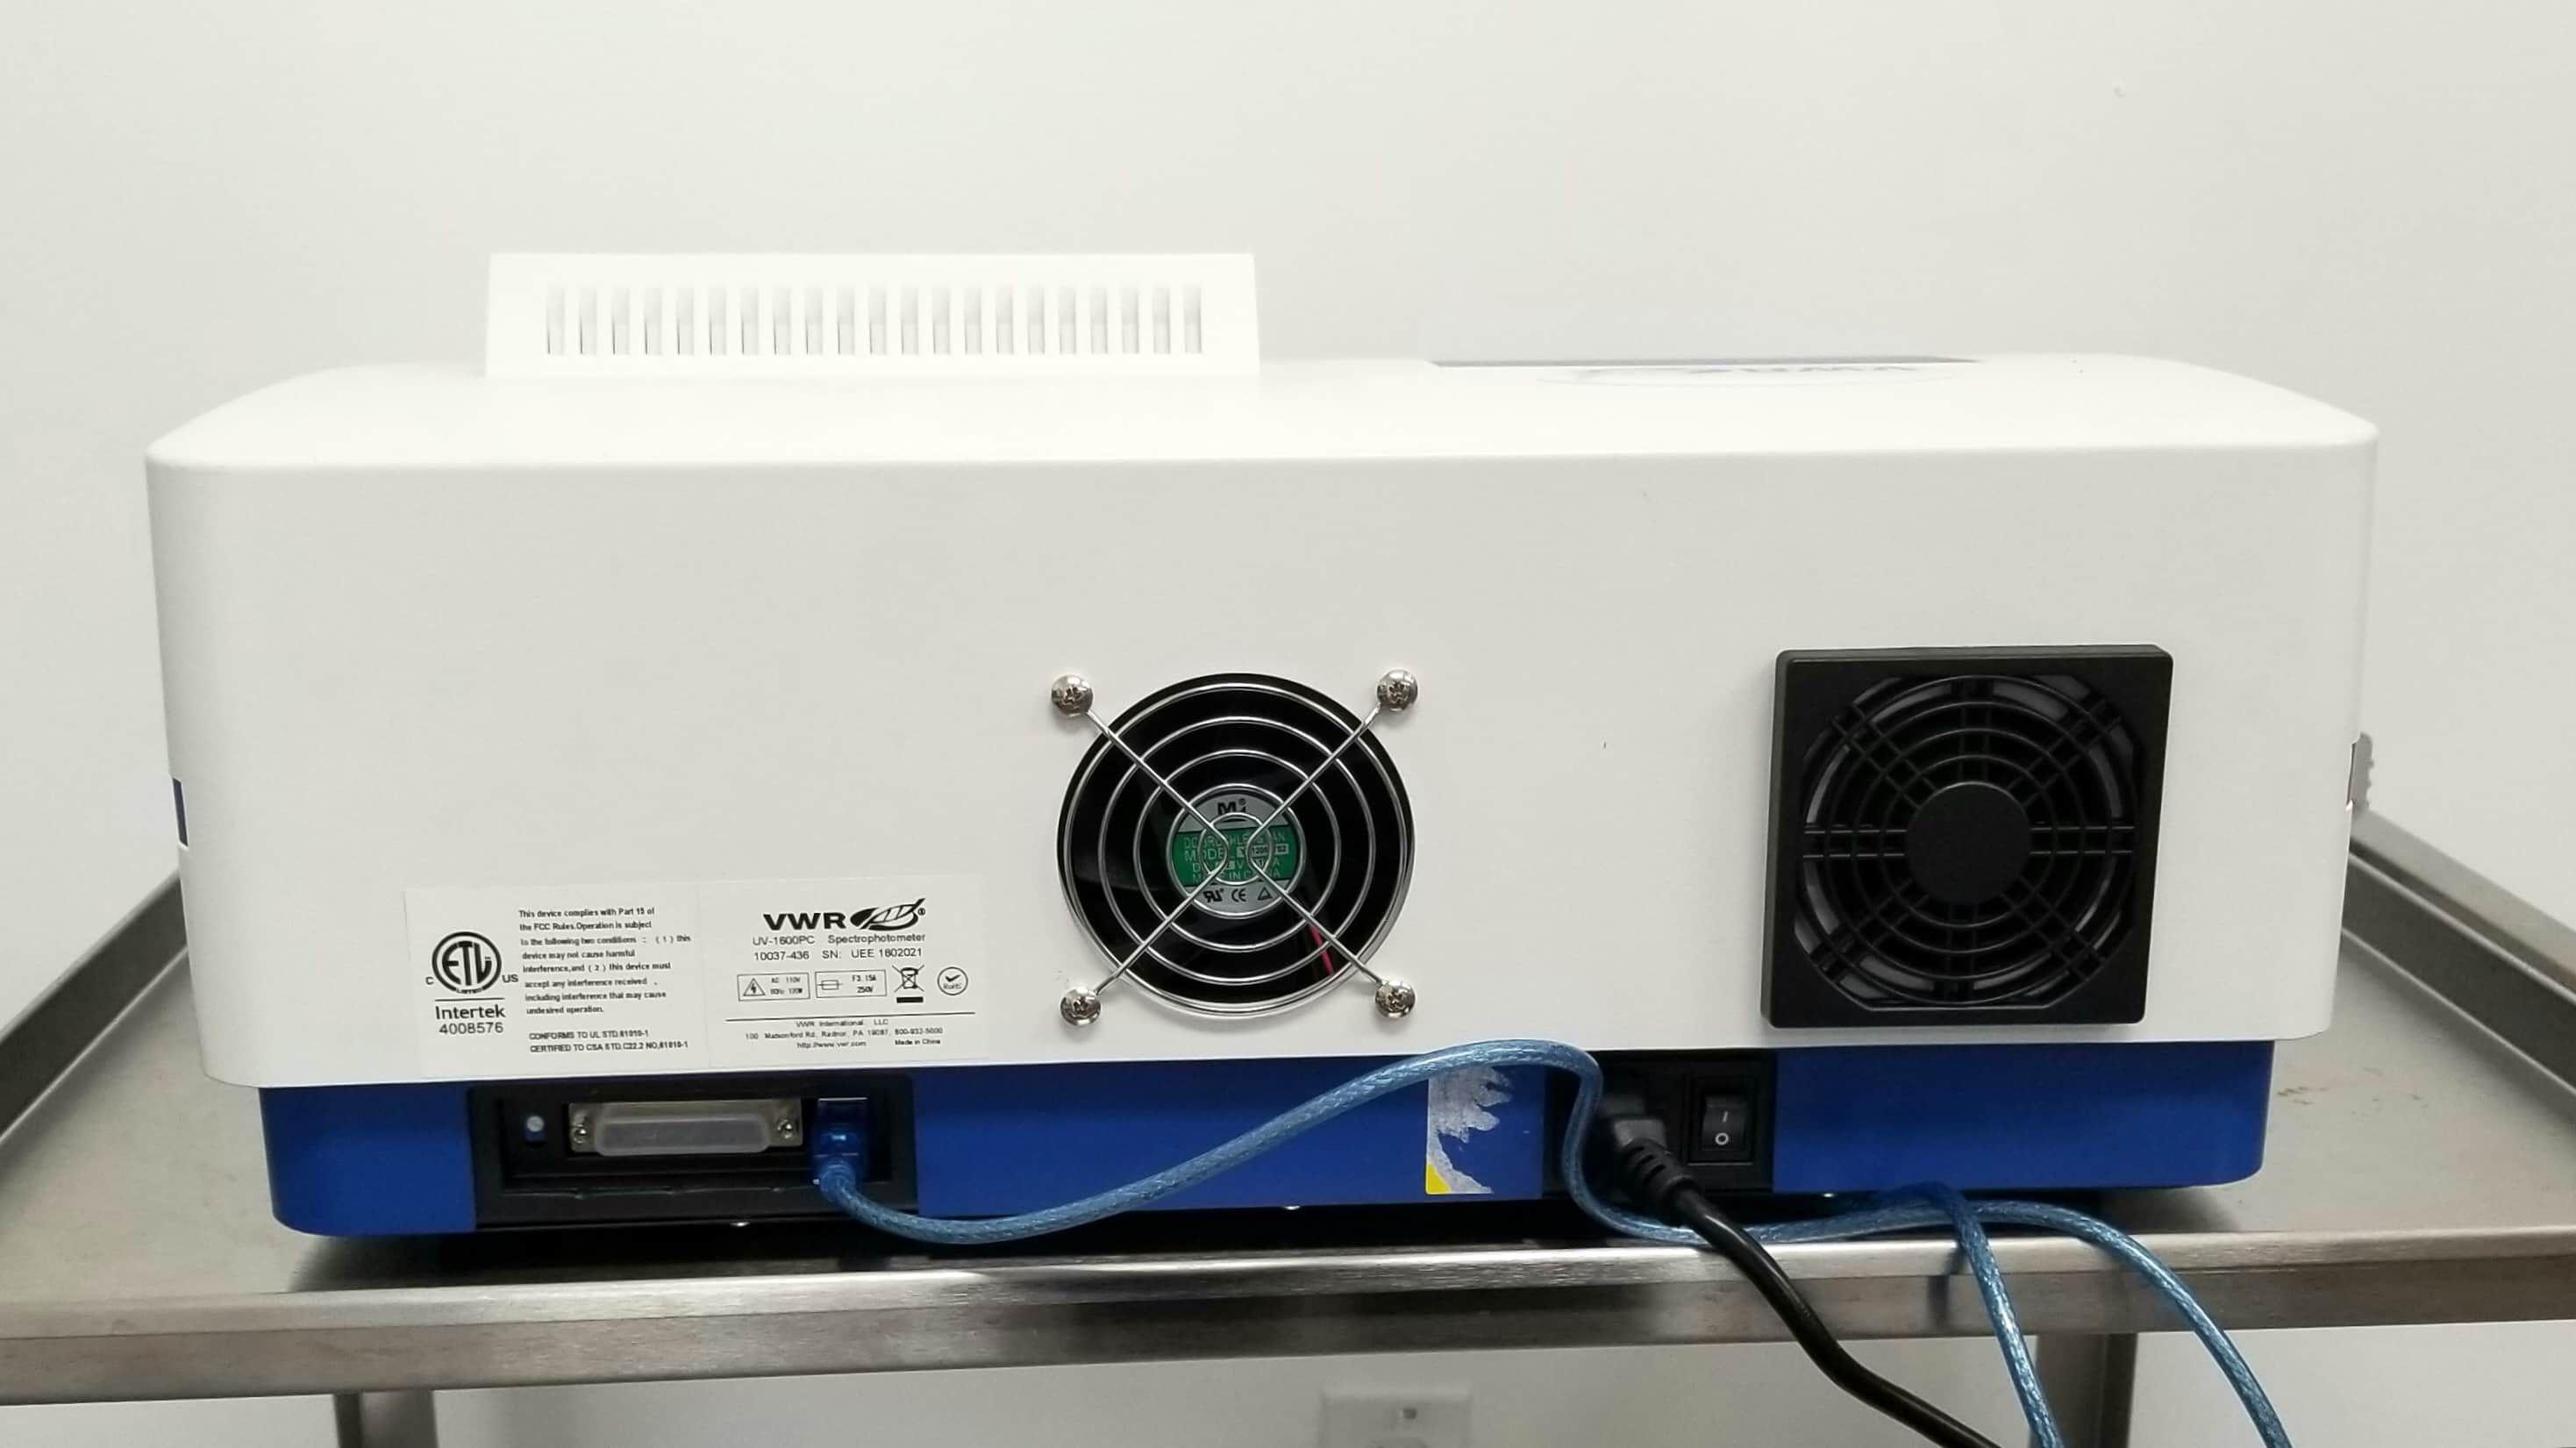 VWR UV-1600PC Spectrophotometer